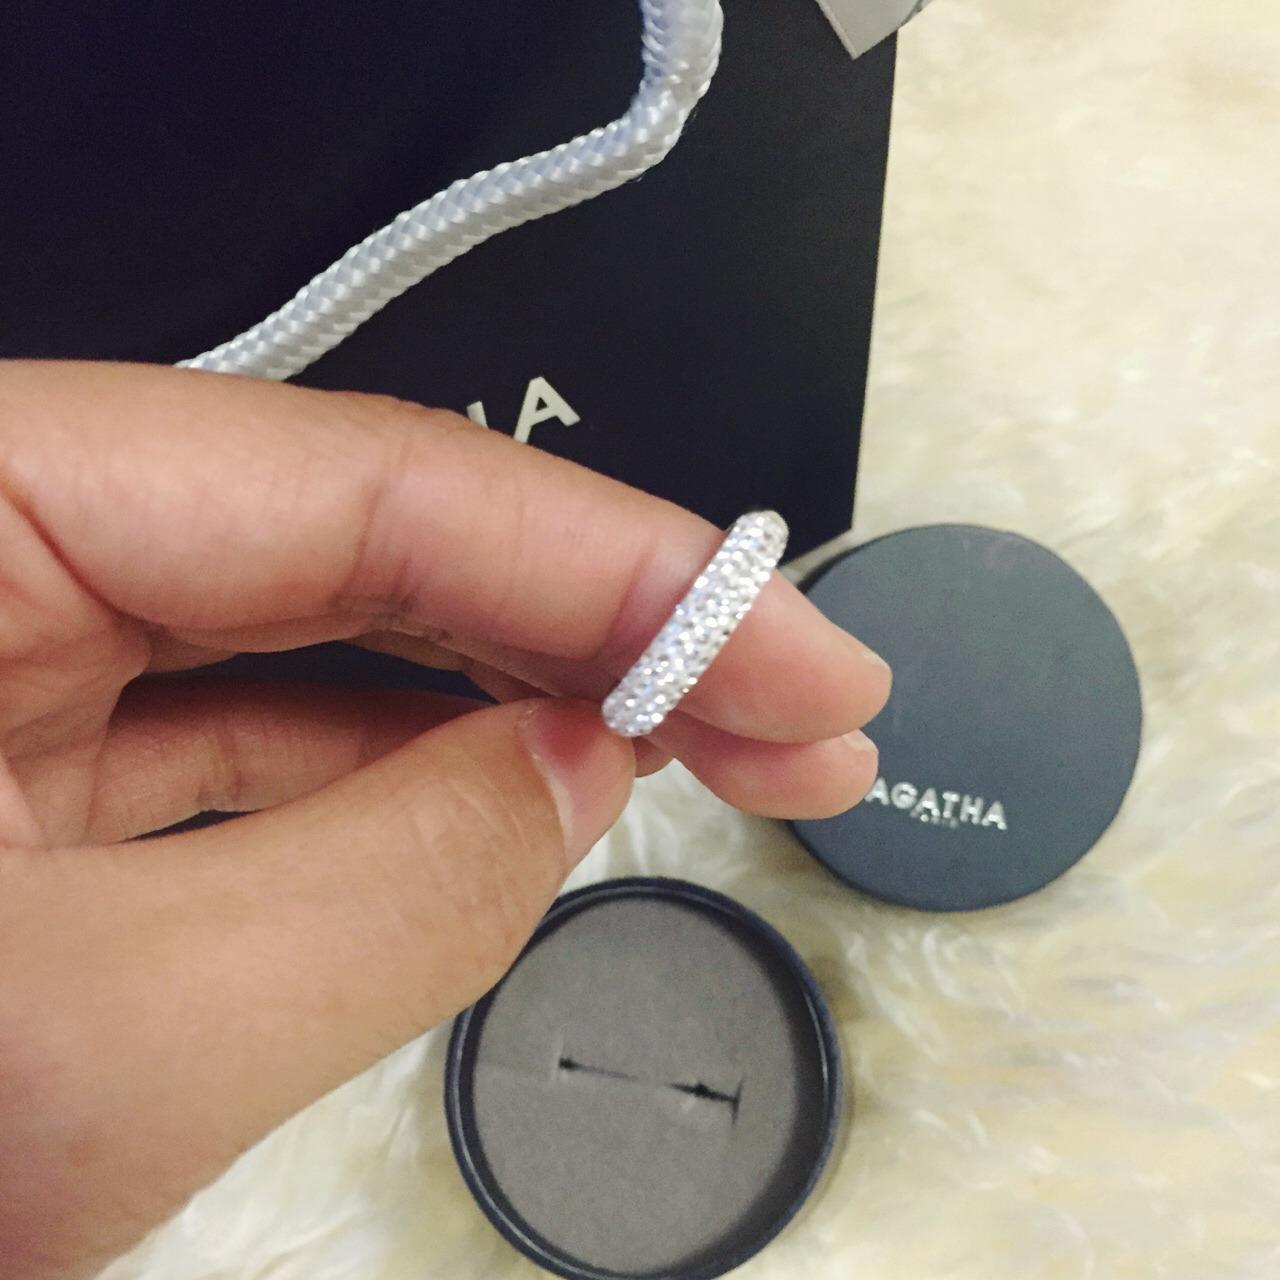 agatha陶瓷水晶银戒指